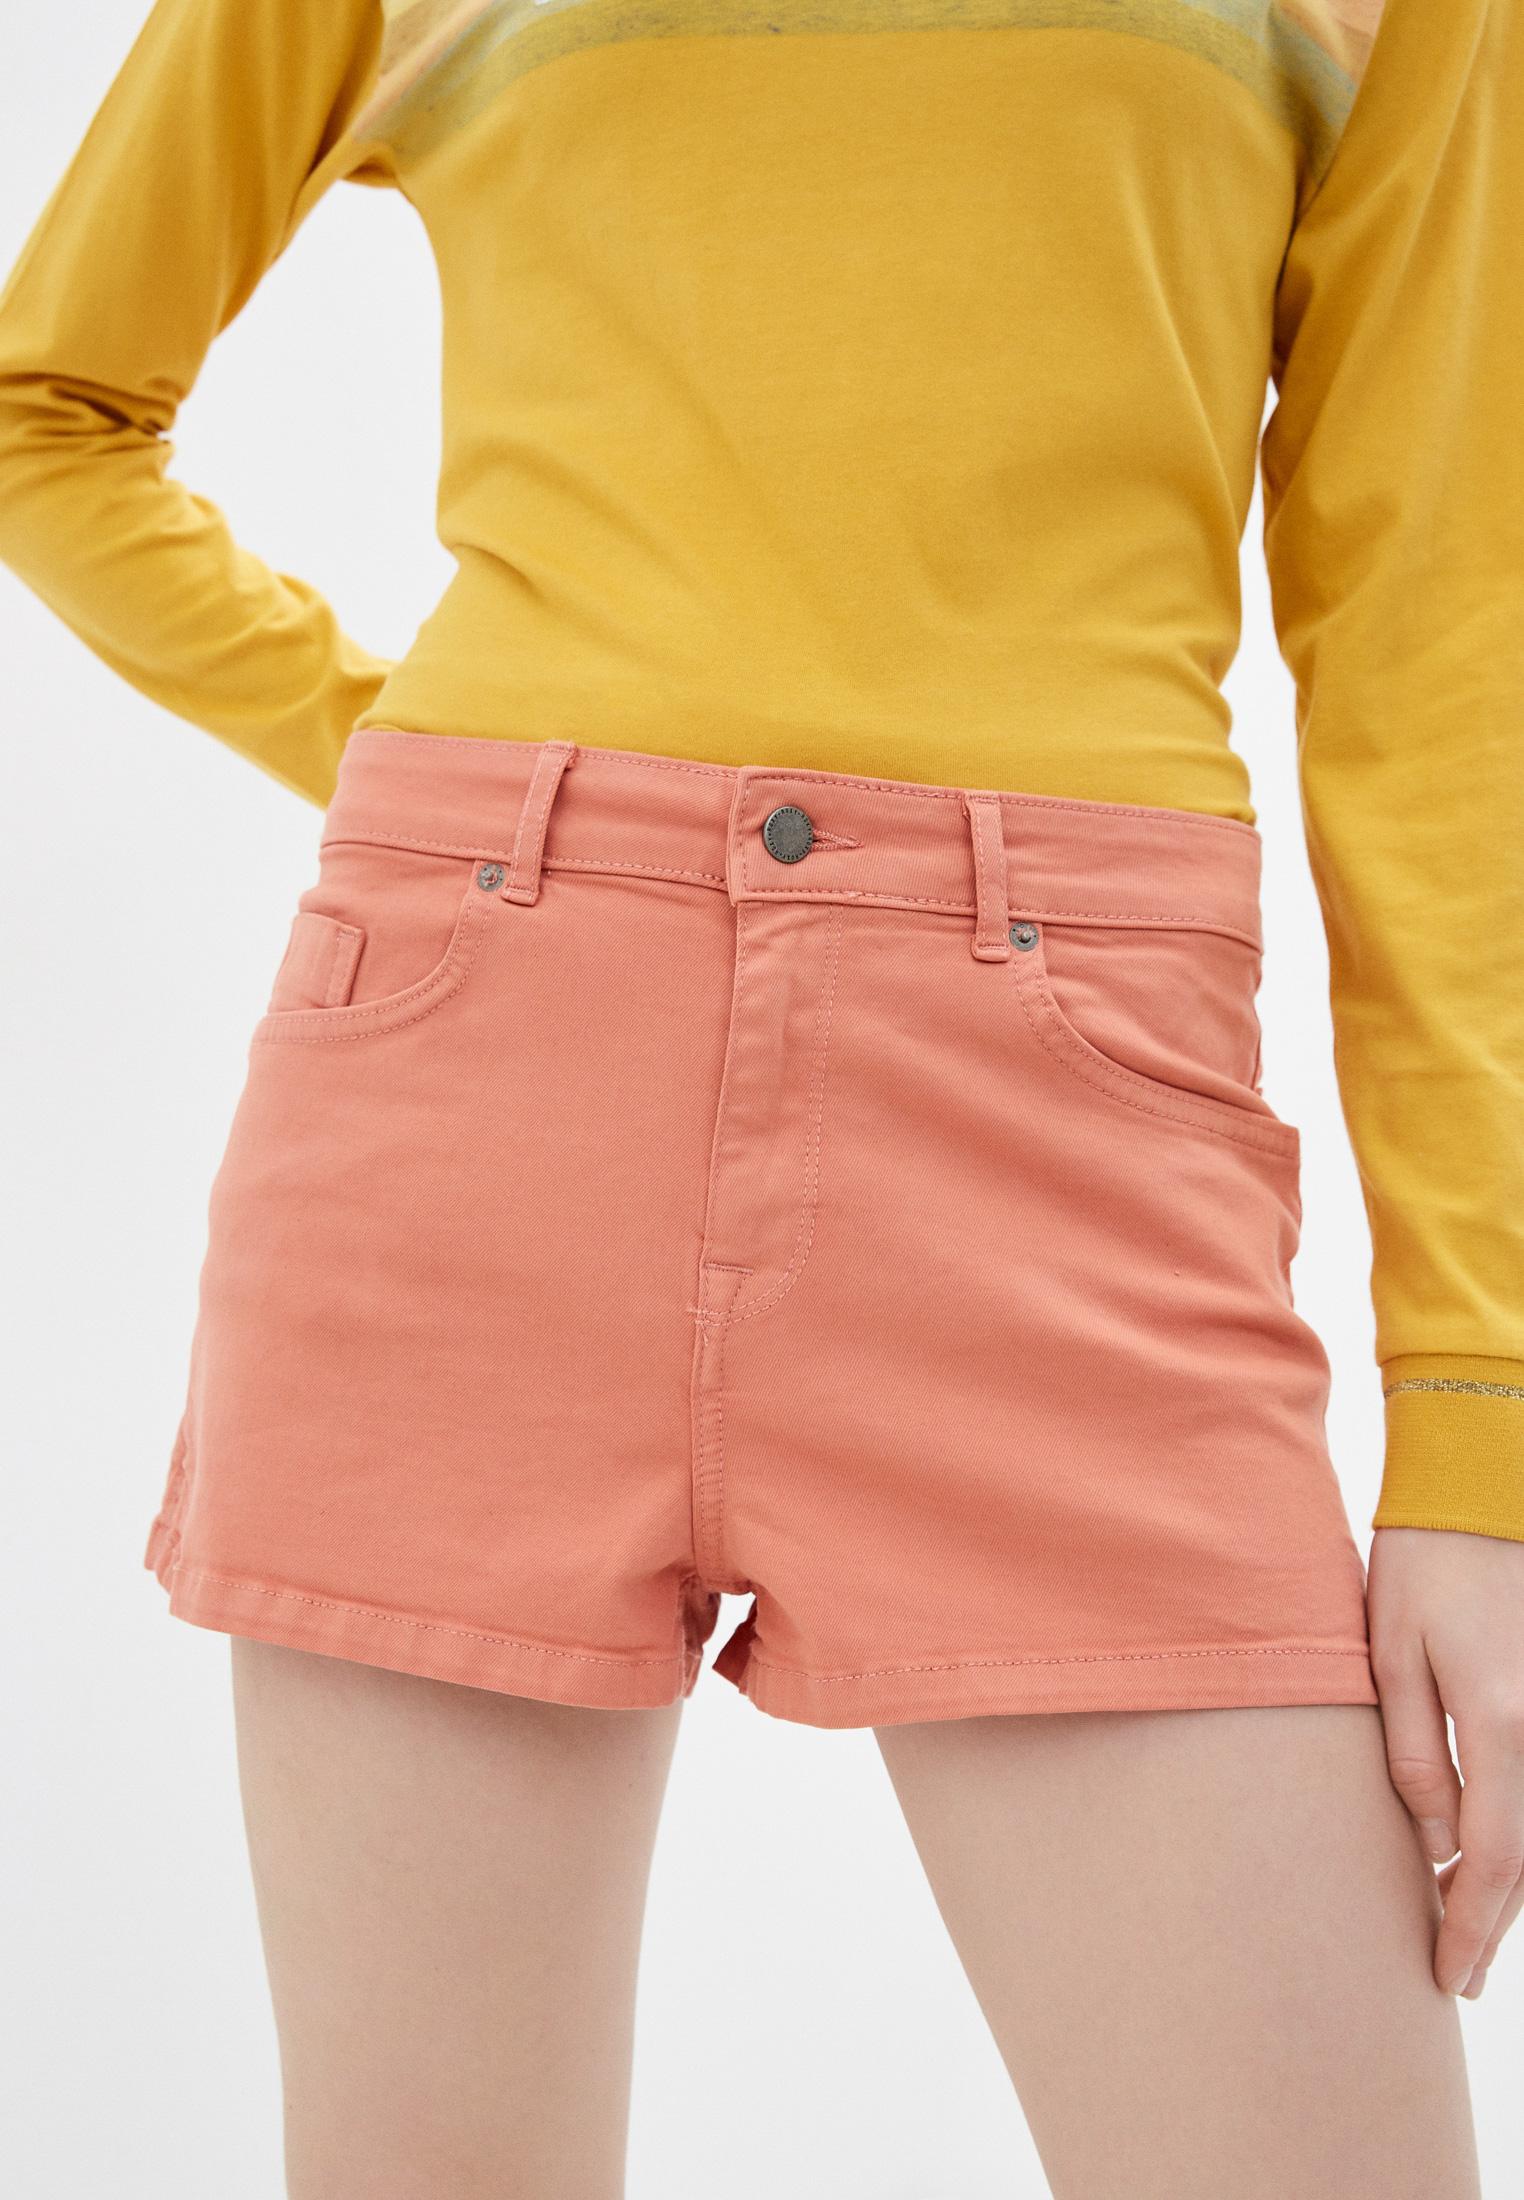 Женские джинсовые шорты Roxy (Рокси) Шорты джинсовые Roxy